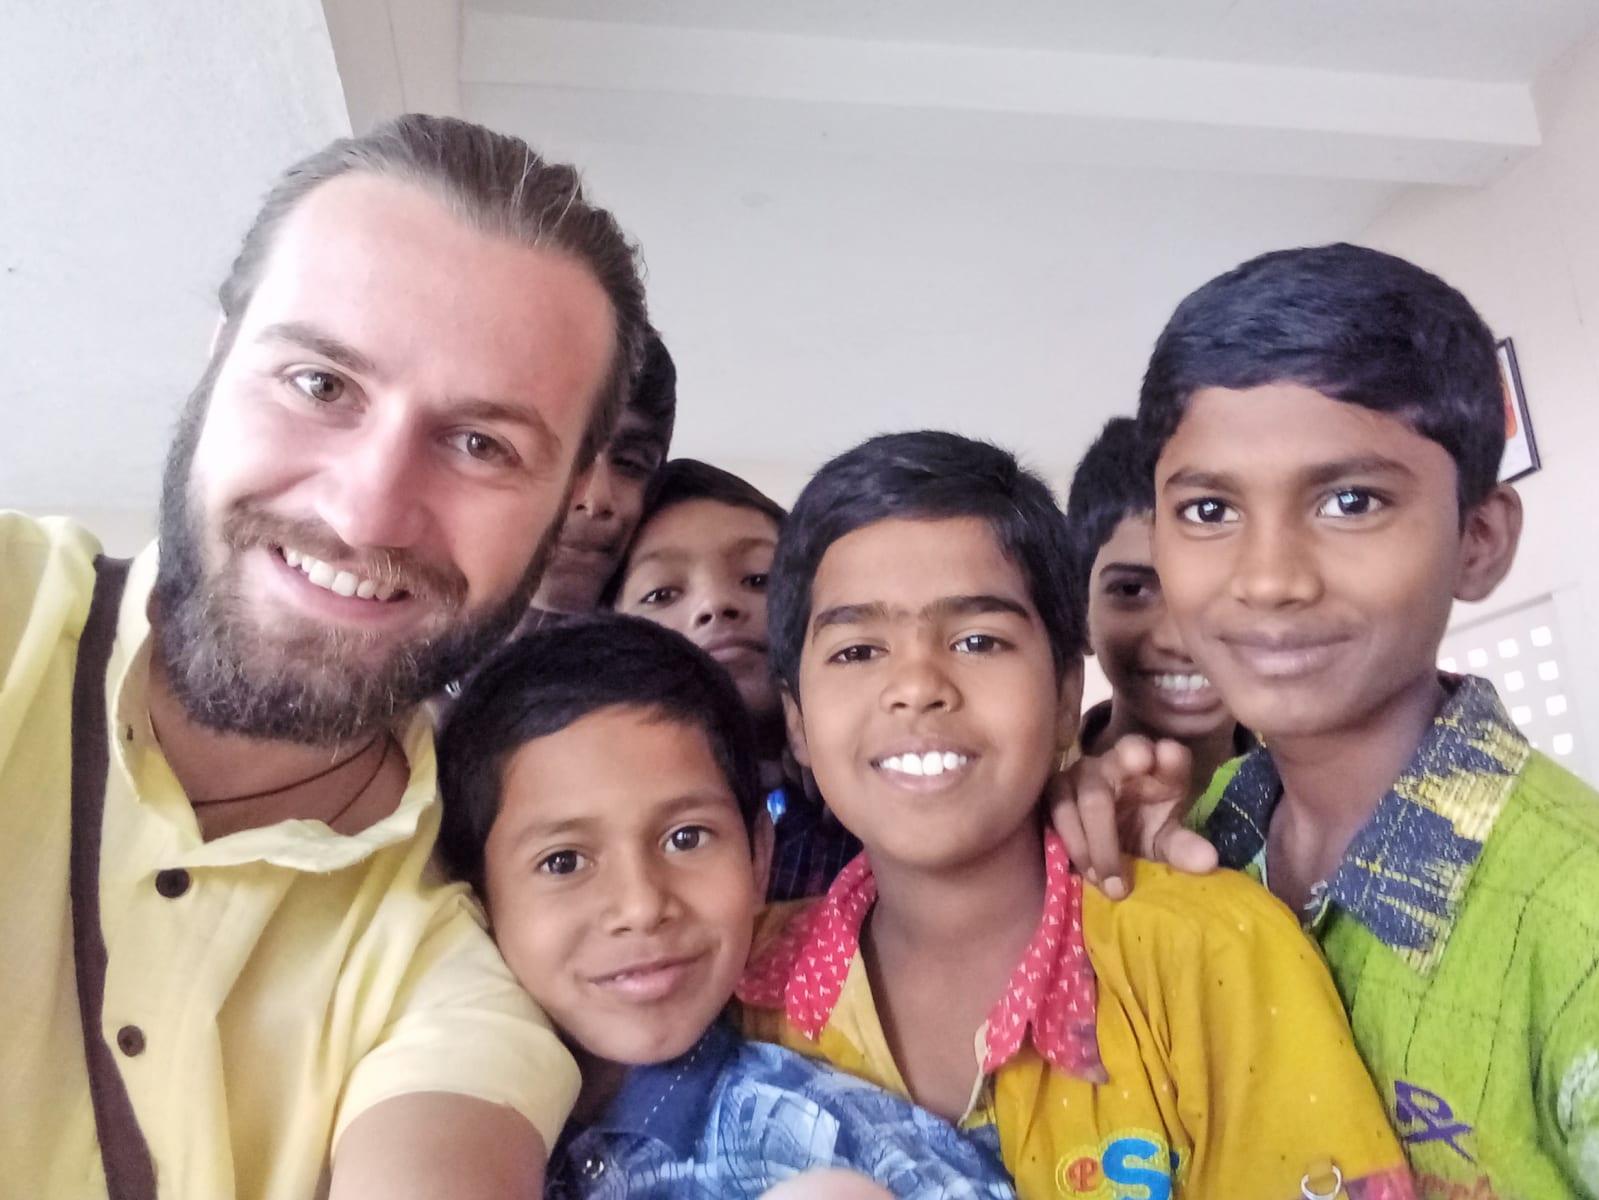 S klukama ze školy, v rámci návštěvy neziskovky Vicente Ferrer v Anantapuru, Indie.